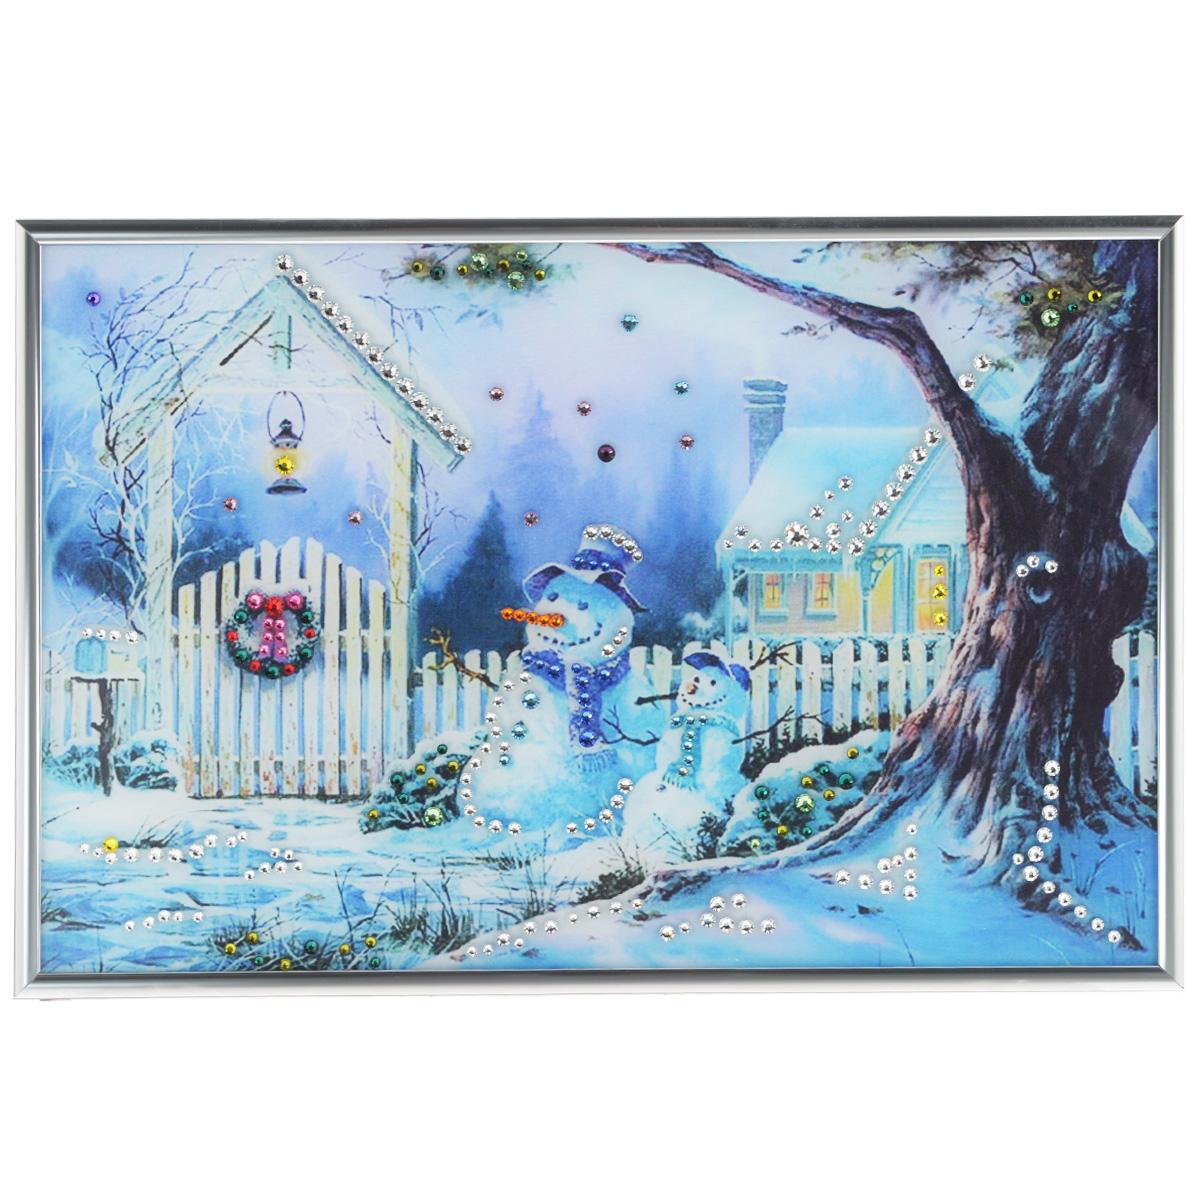 Картина с кристаллами Swarovski Зимнее утро, 31 см х 21 см36013Изящная картина в металлической раме, инкрустирована кристаллами Swarovski, которые отличаются четкой и ровной огранкой, ярким блеском и чистотой цвета. Красочное изображение зимнего дворика и снеговиков, расположенное под стеклом, прекрасно дополняет блеск кристаллов. С обратной стороны имеется металлическая петелька для размещения картины на стене.Картина с кристаллами Swarovski Зимнее утро элегантно украсит интерьер дома или офиса, а также станет прекрасным подарком, который обязательно понравится получателю. Блеск кристаллов в интерьере, что может быть сказочнее и удивительнее. Картина упакована в подарочную картонную коробку синего цвета и комплектуется сертификатом соответствия Swarovski.